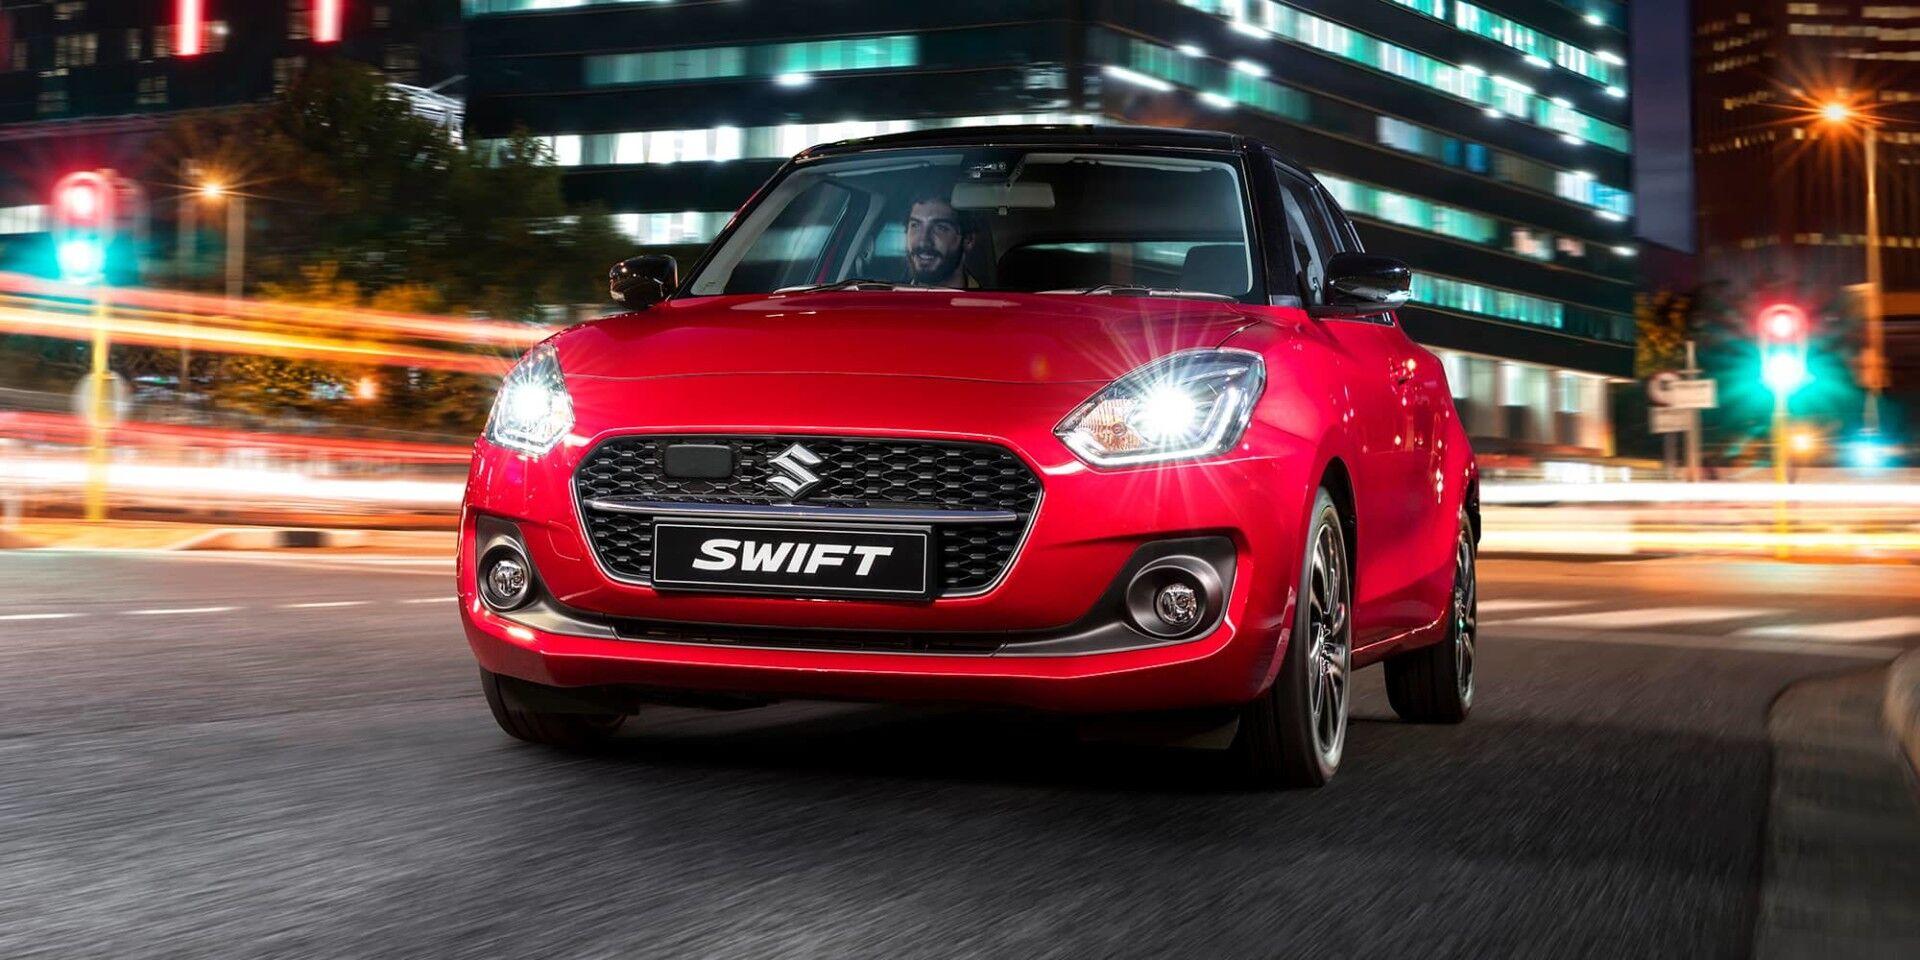 suzuki swift driving at night